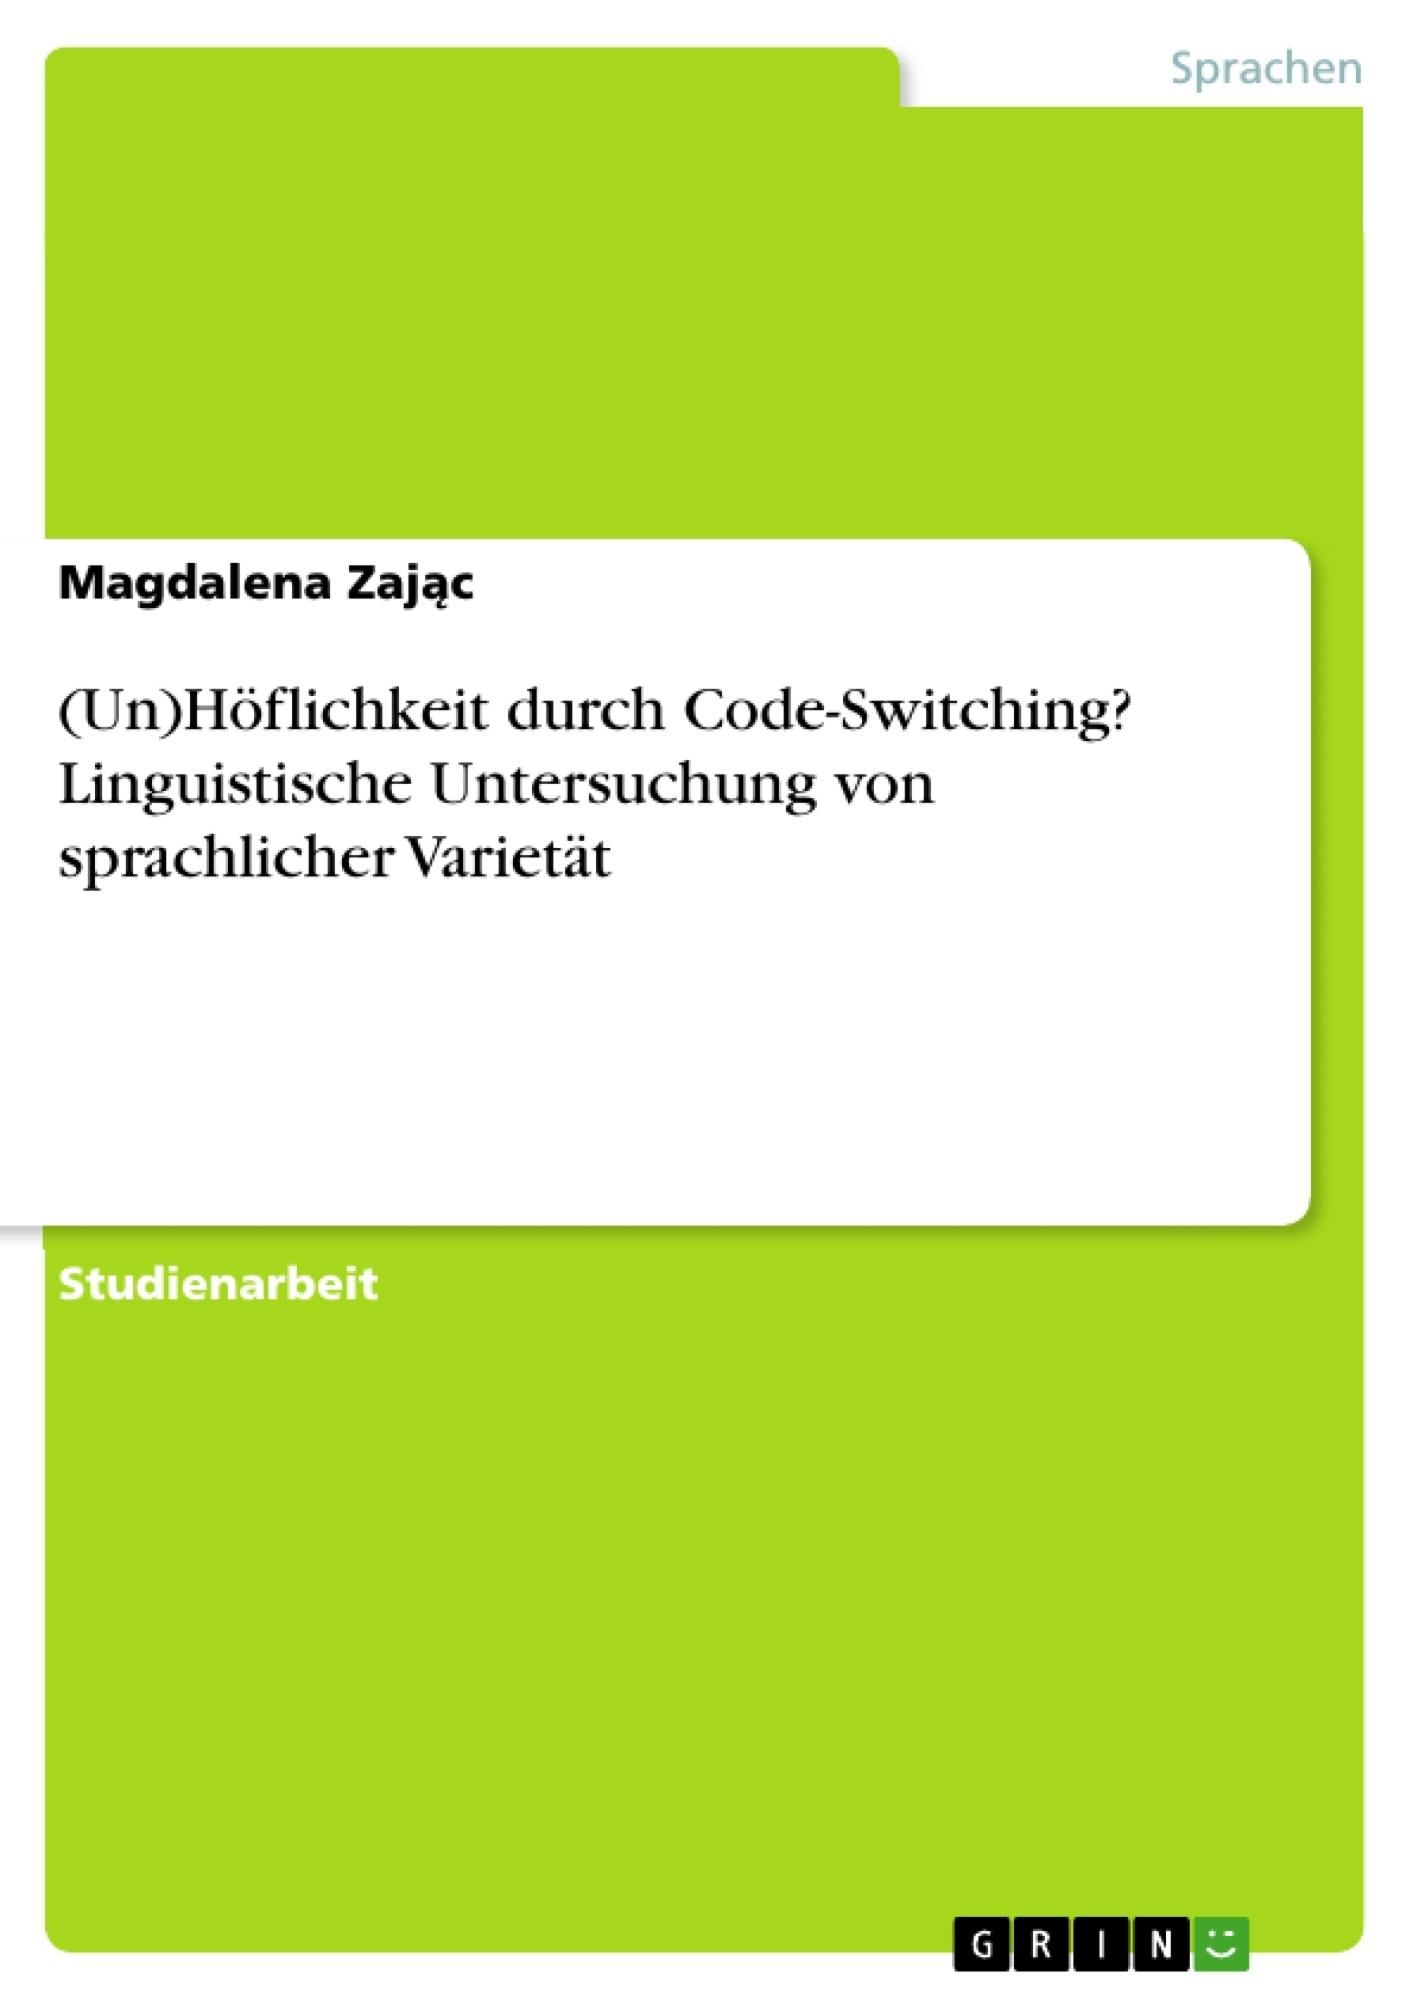 Titel: (Un)Höflichkeit durch Code-Switching? Linguistische Untersuchung von sprachlicher Varietät